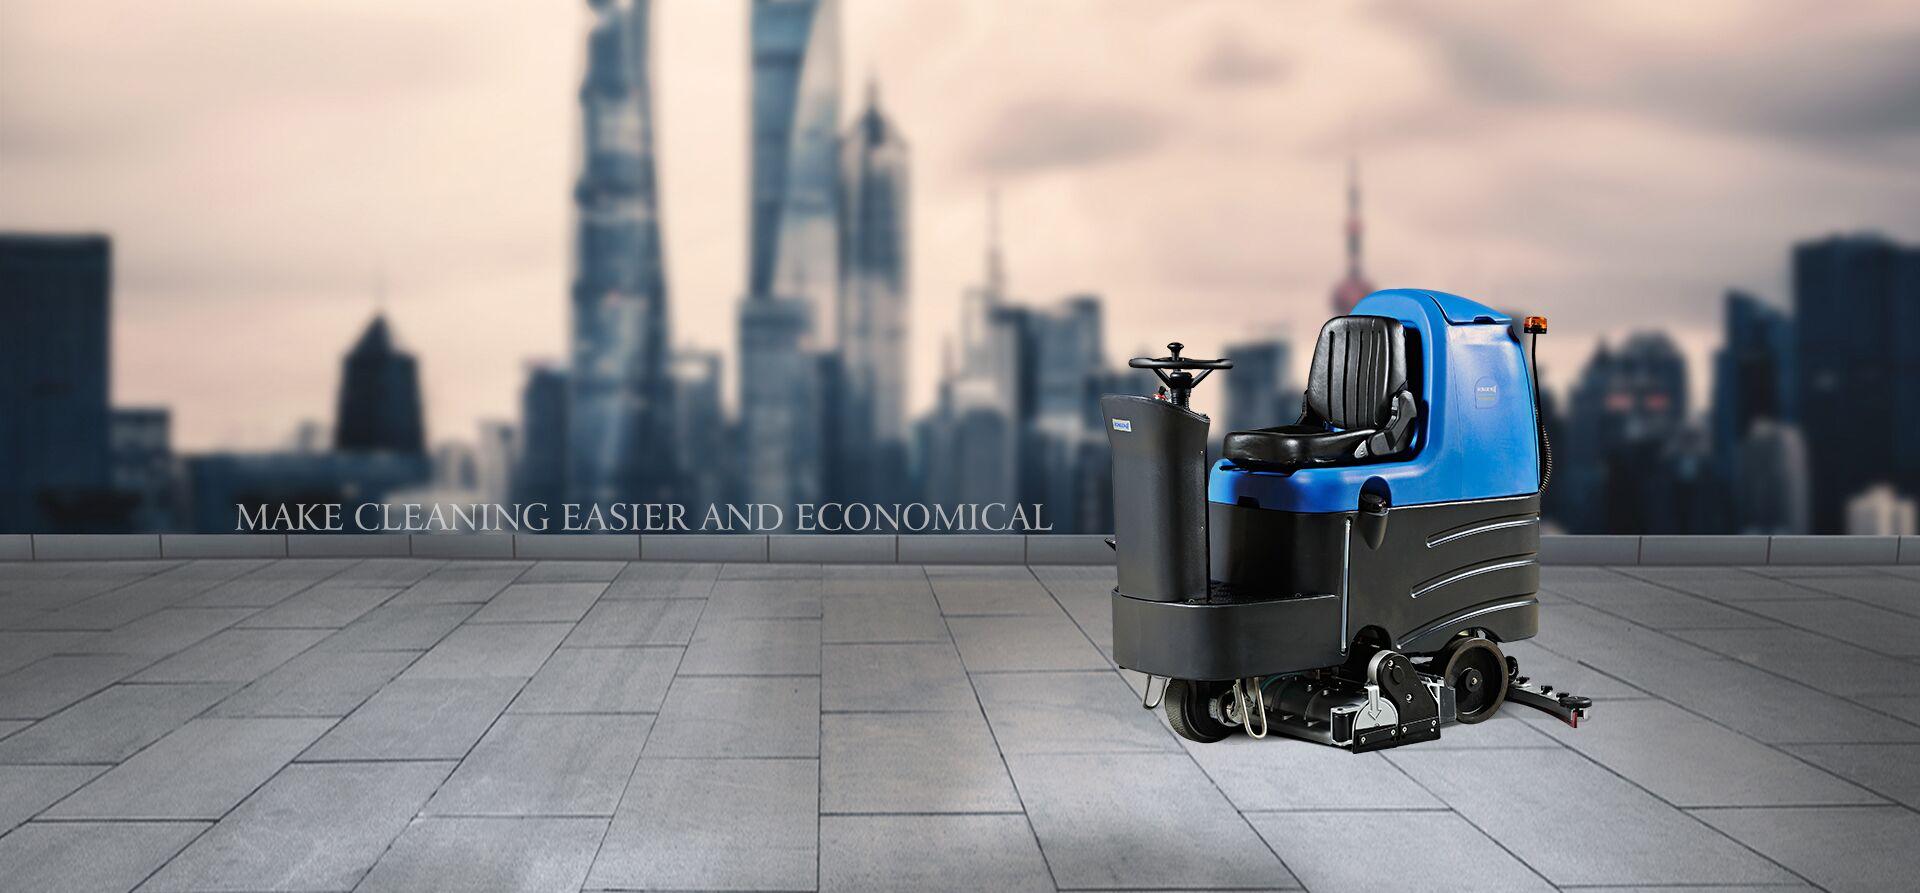 杭州清洁用品商城